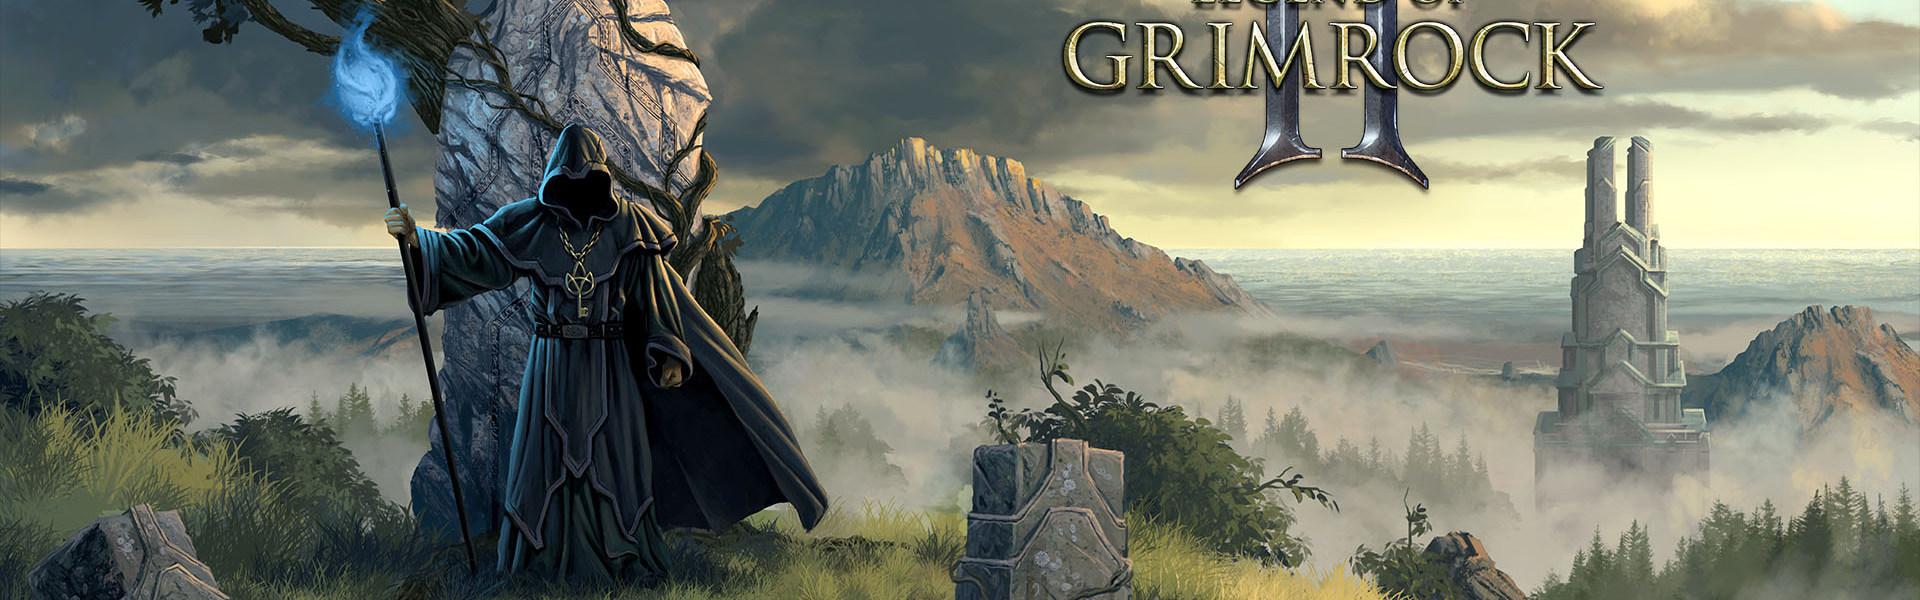 Legend of Grimrock 2 Steam Key GLOBAL